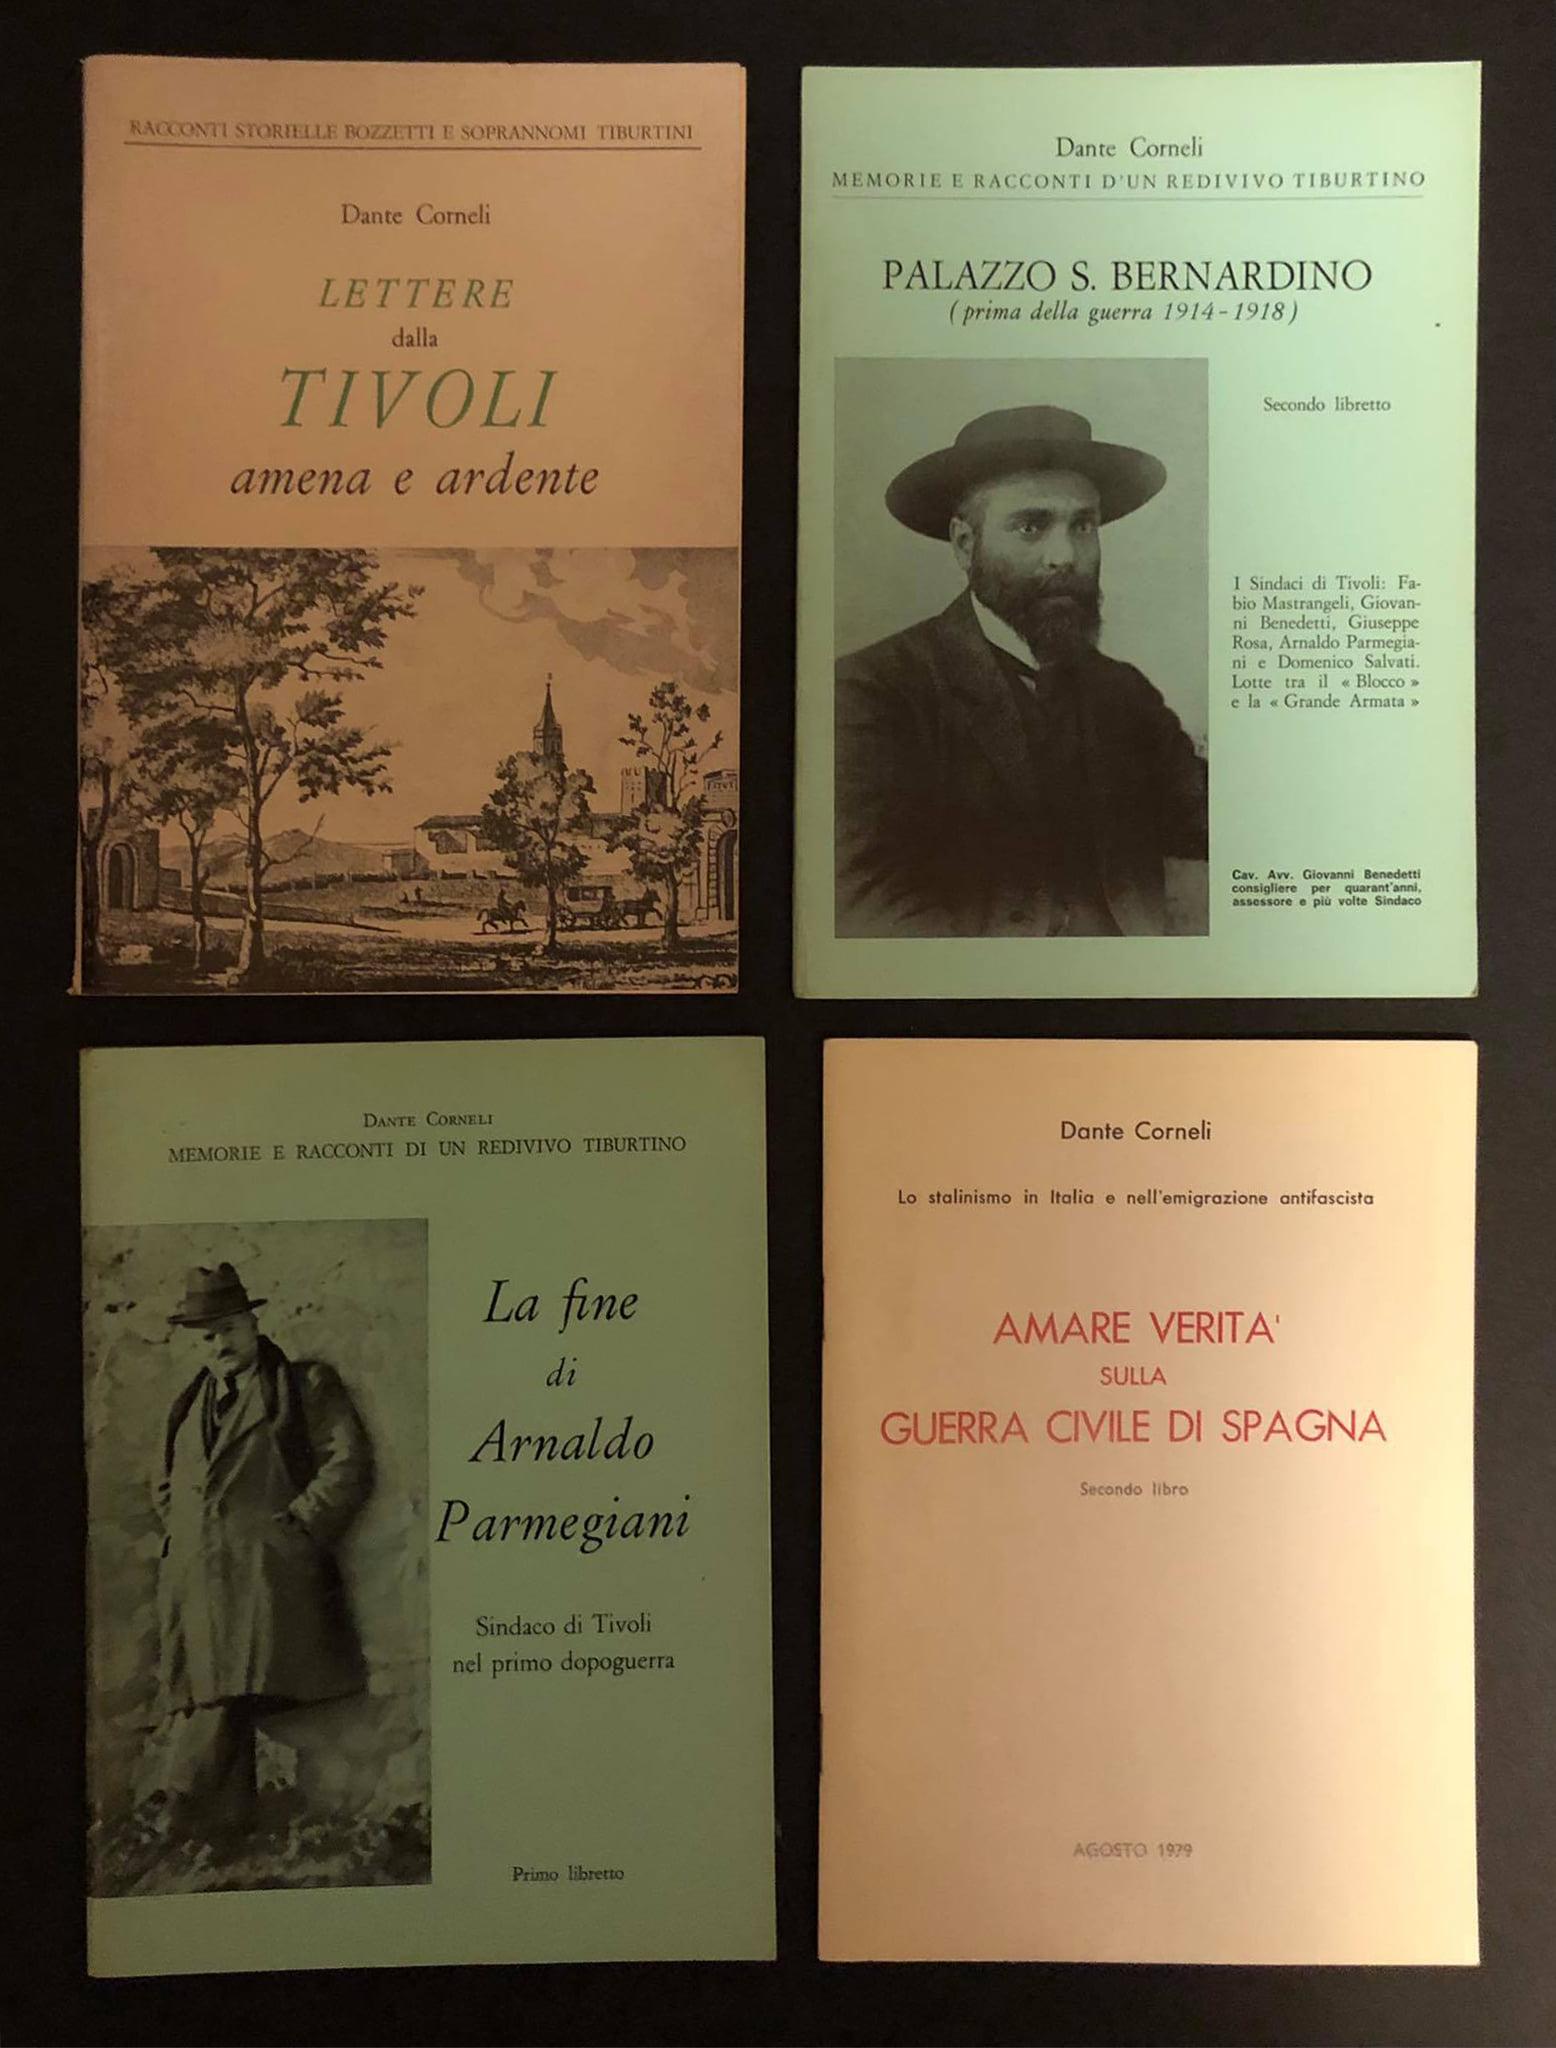 Mi ricordo di quando conobbi Dante Corneli: lo scrittore di Tivoli esule in Russia